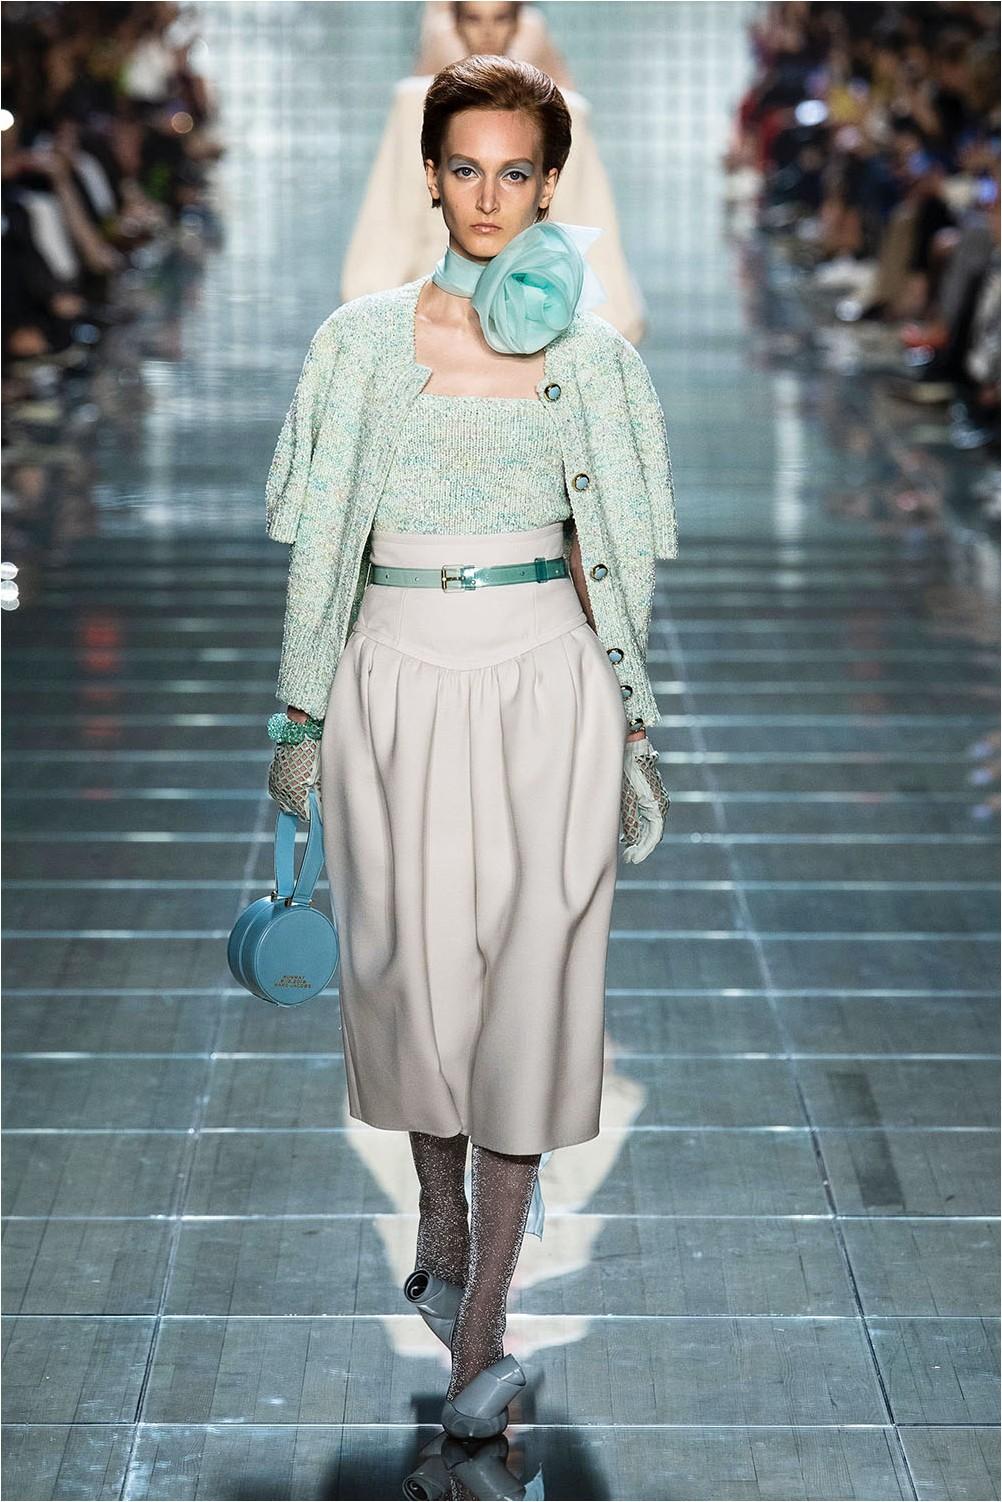 Marc Jacobs yoke skirt